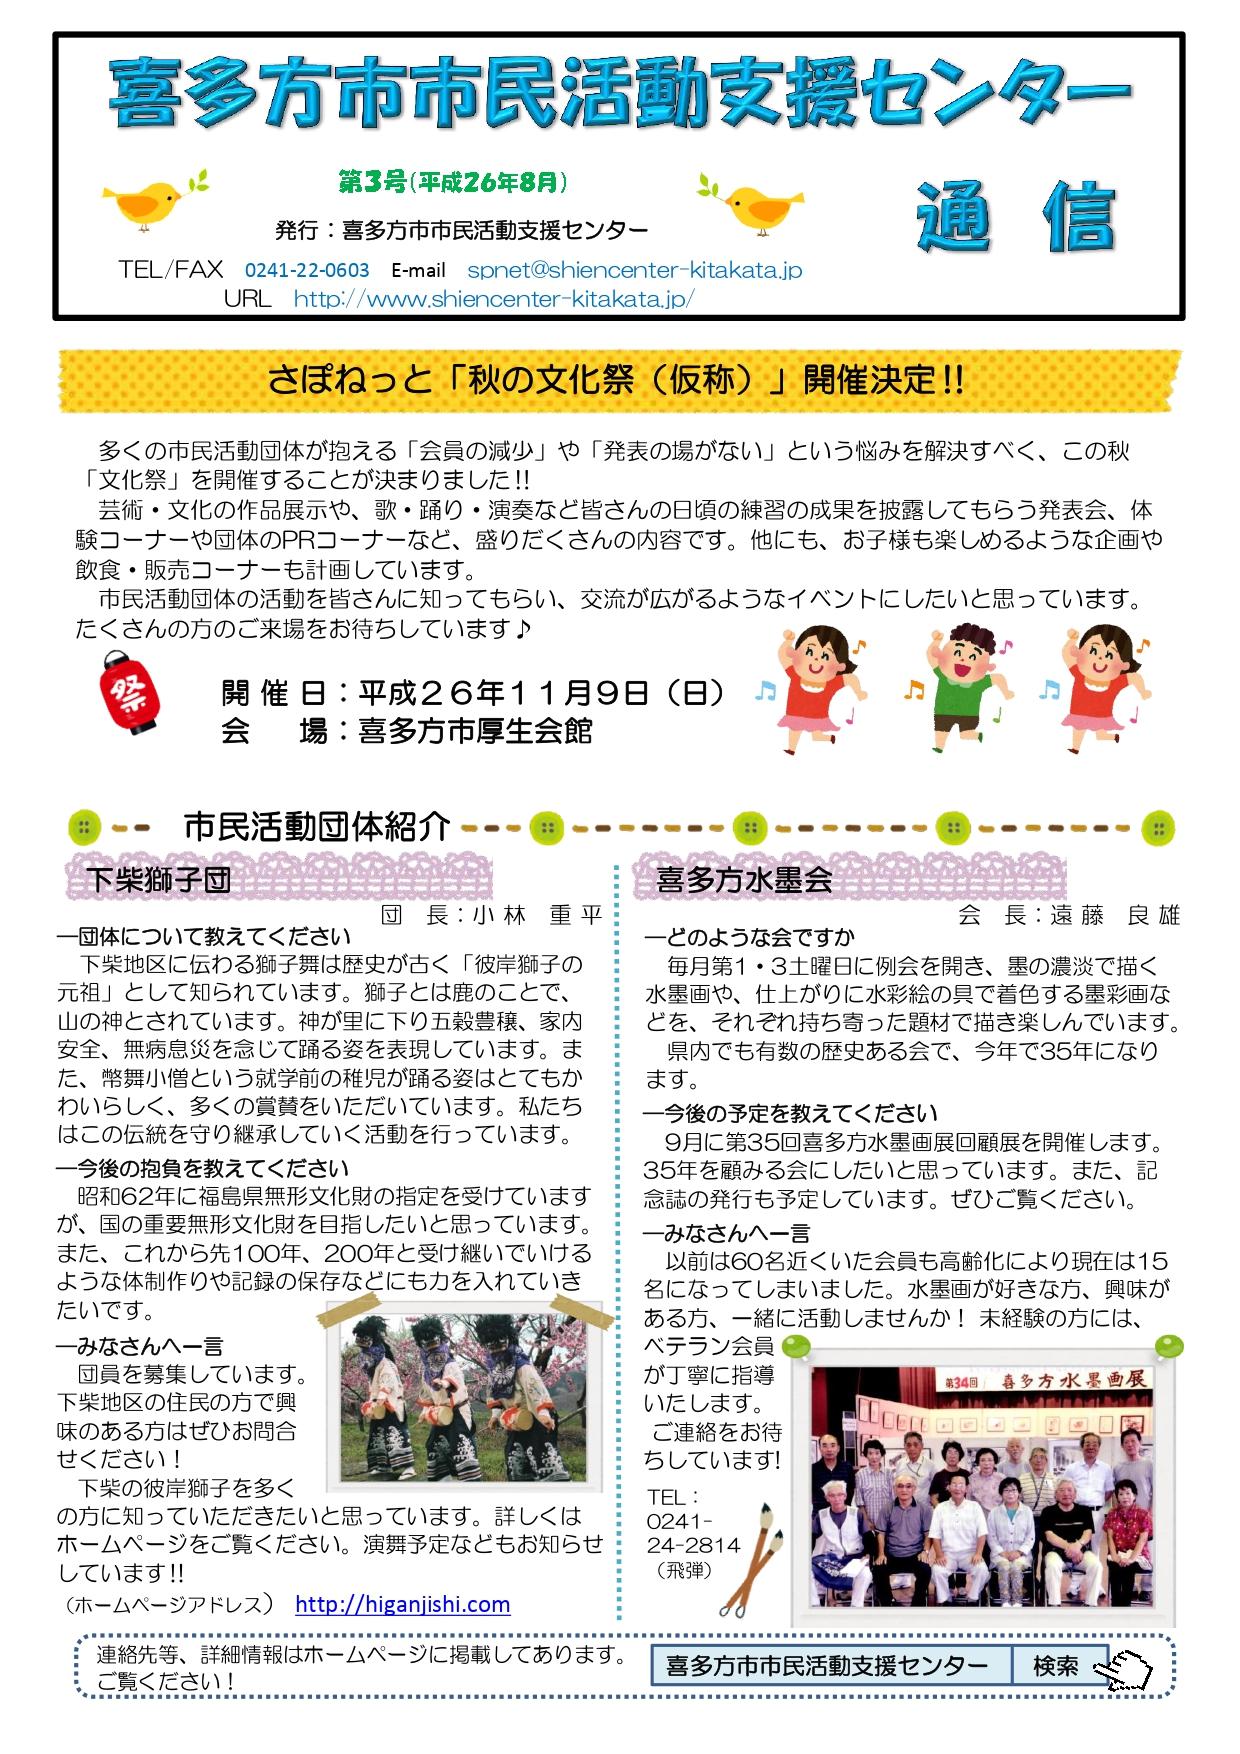 喜多方市市民活動支援センター通信 第3号(平成26年8月発行)